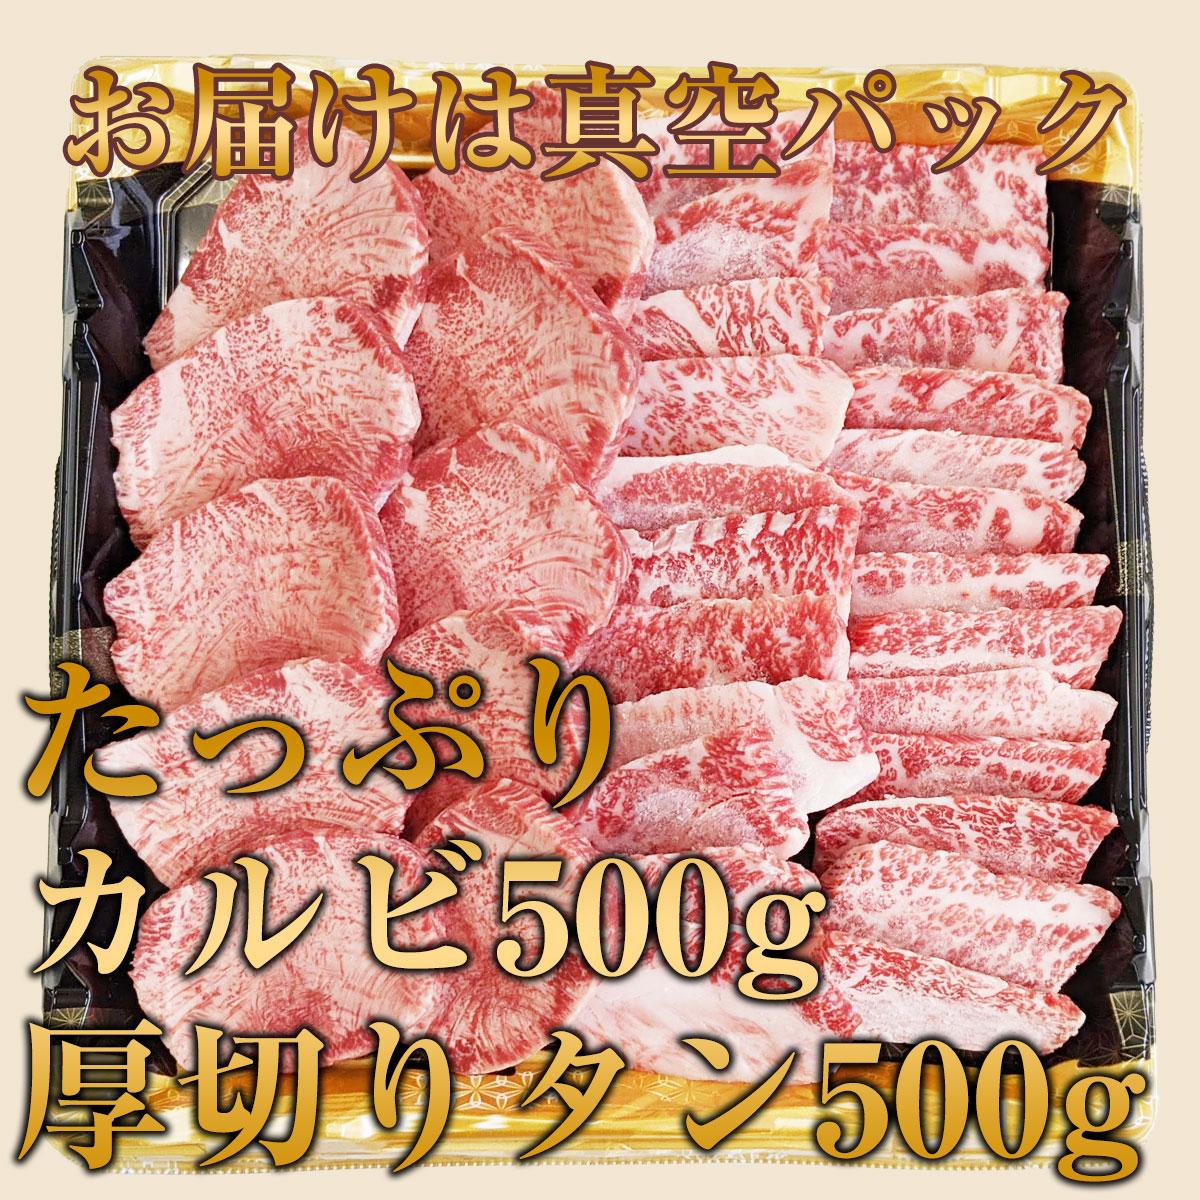 黒毛和牛 カルビ500gタン500gの合計2パックのメガ盛りセット